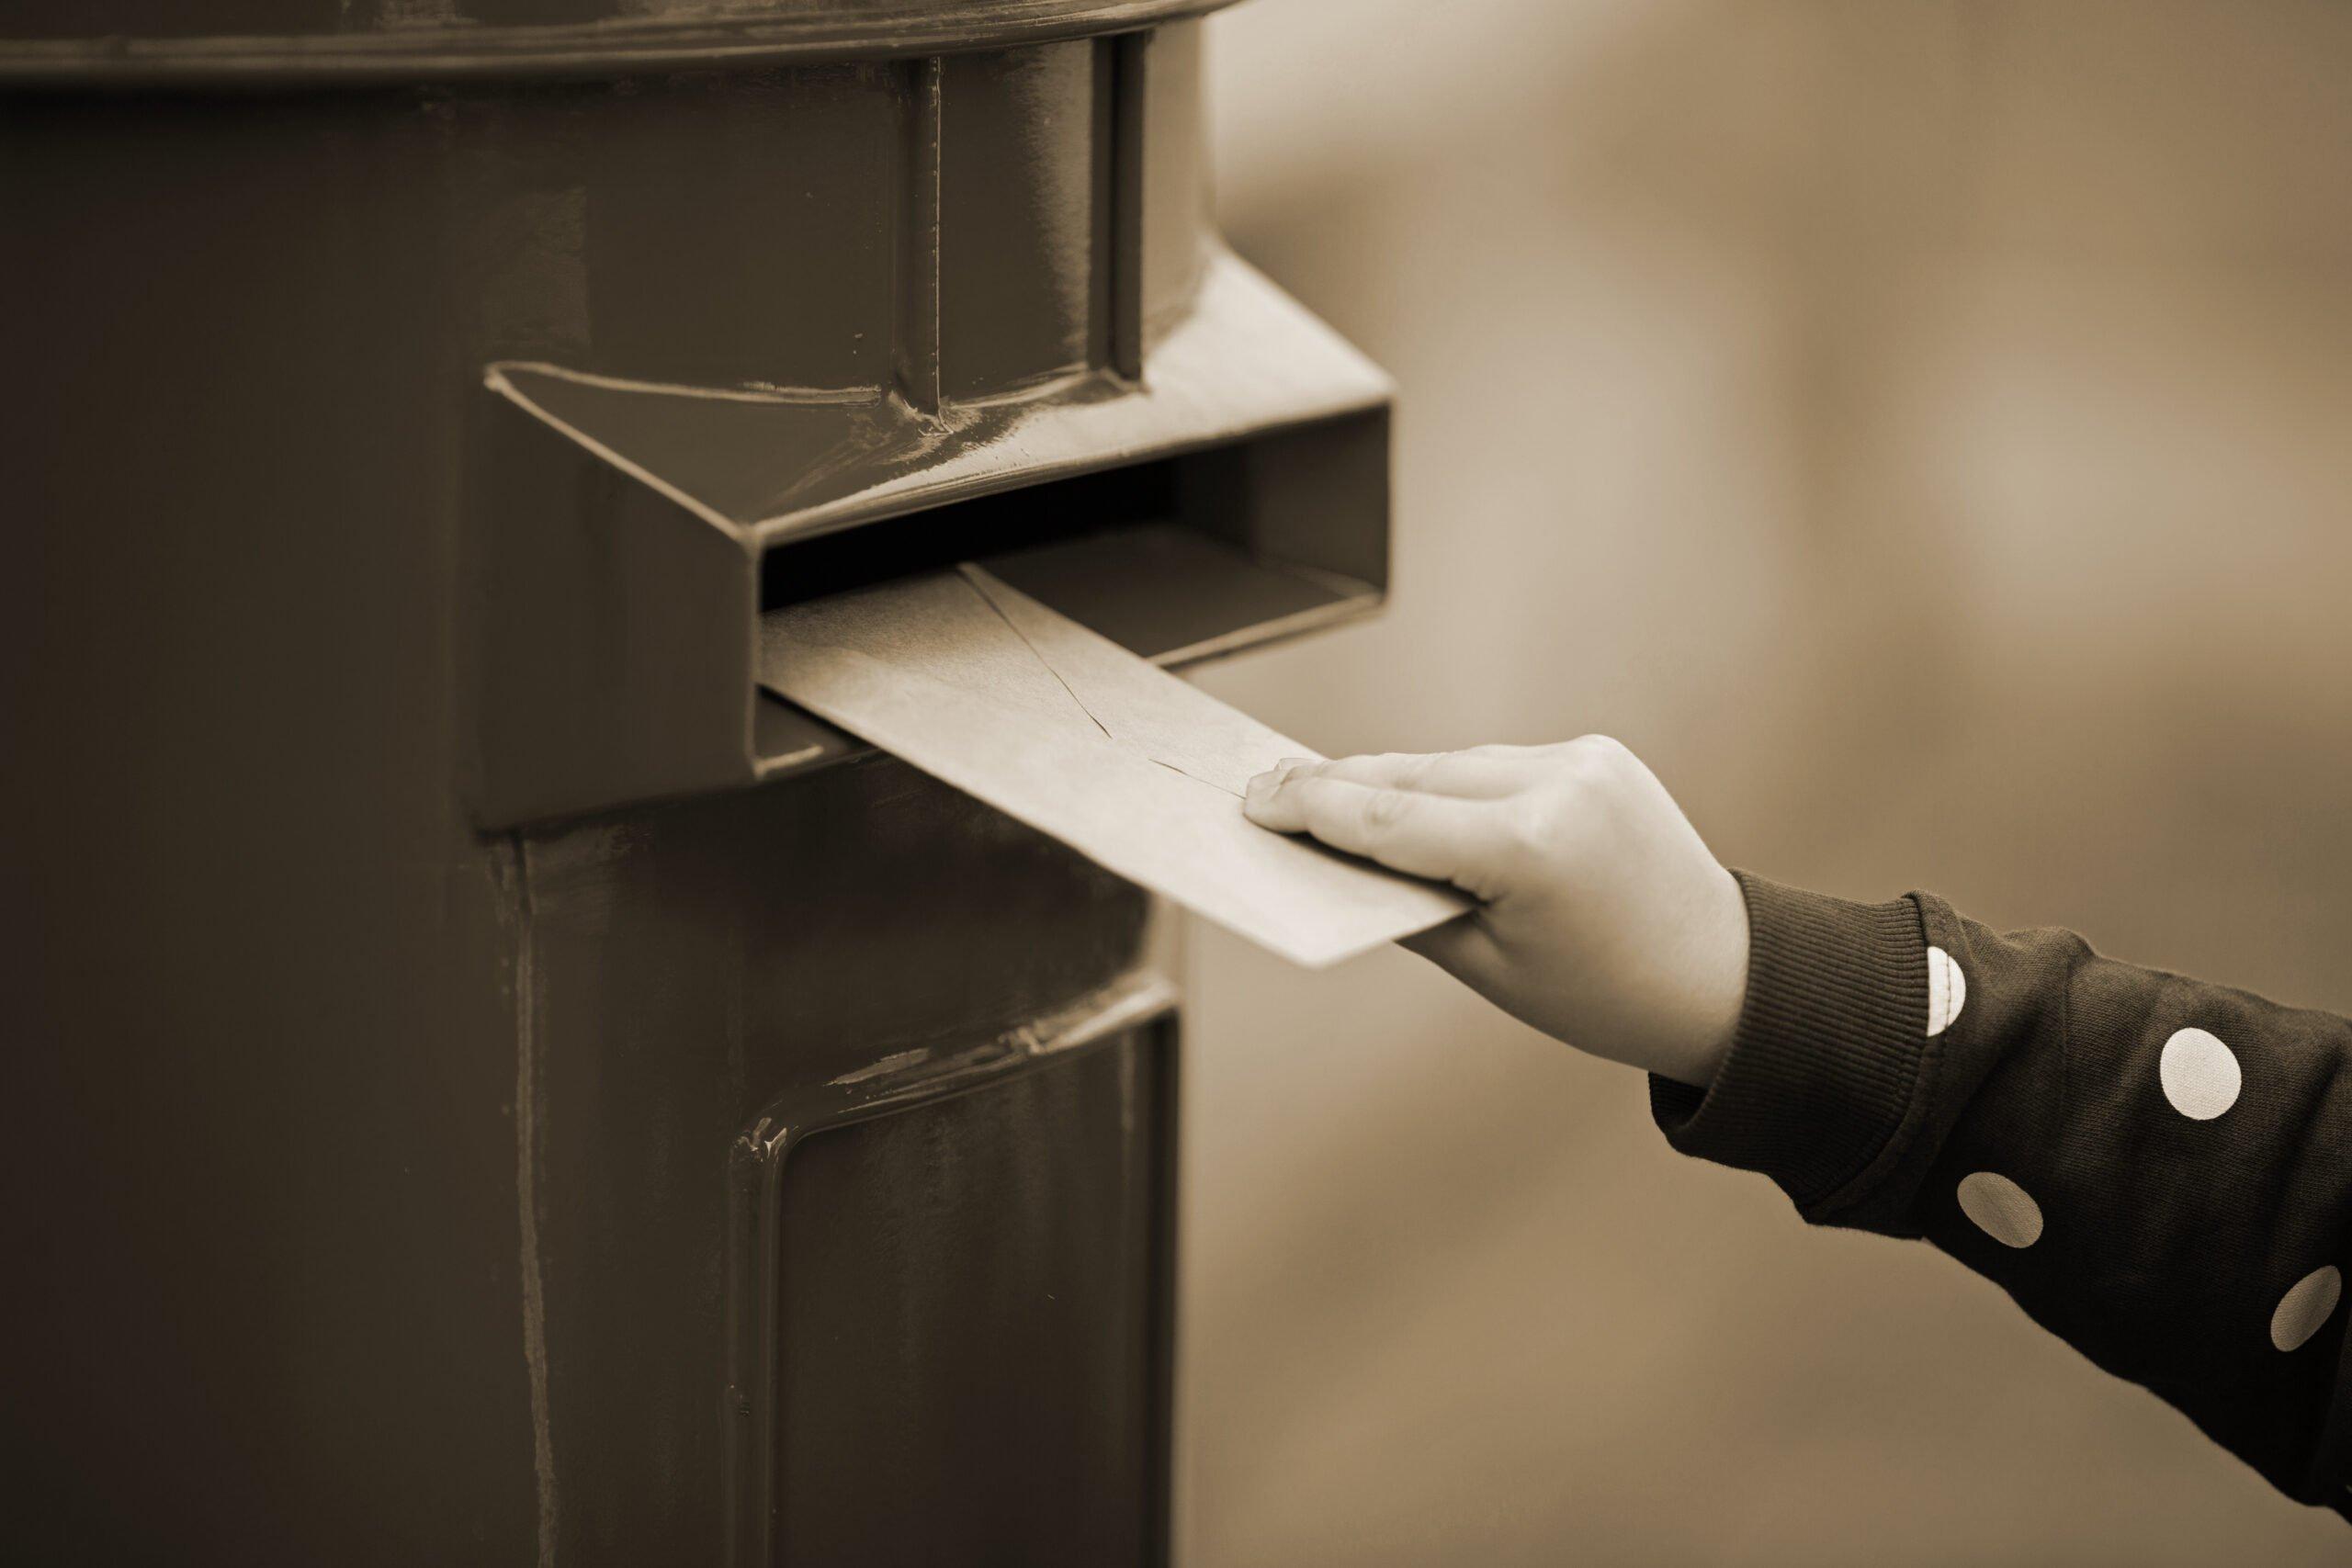 Postal voting – Keir Bloomer